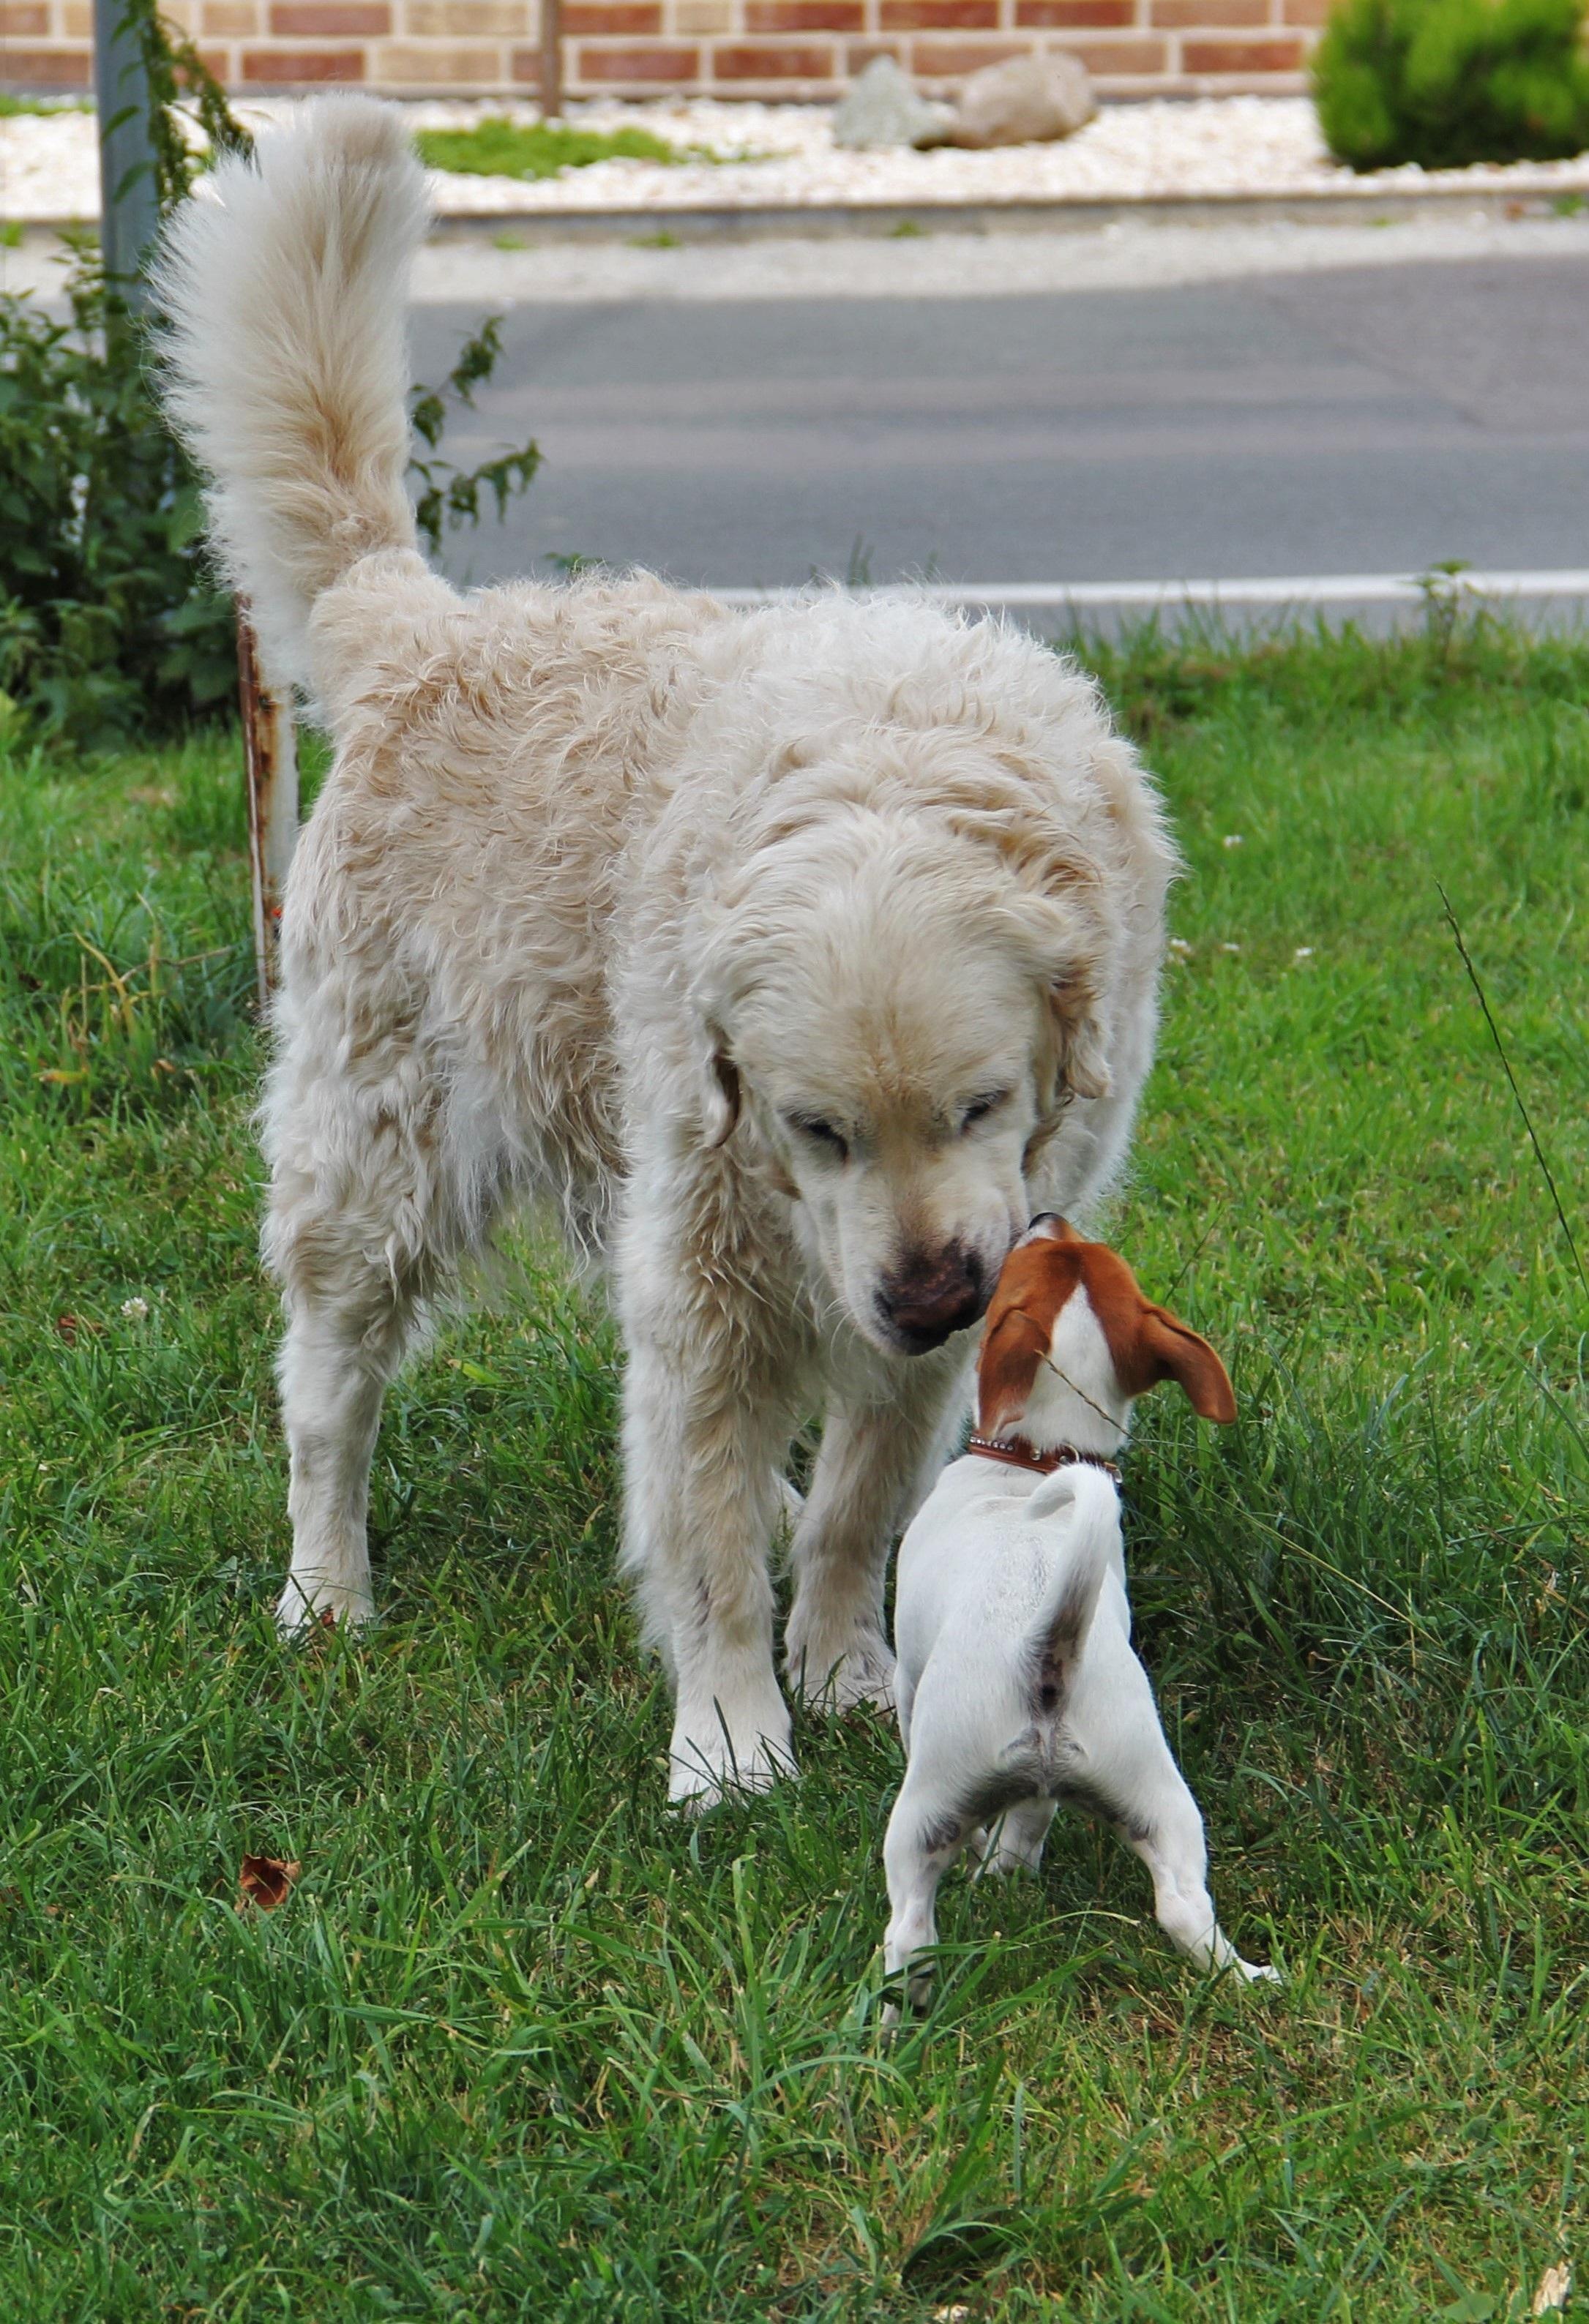 Images Gratuites : chiot, relation amicale, animaux domestiques, Golden retriever, copains, vertébré, Bienvenue, le monde animal, race de chien.